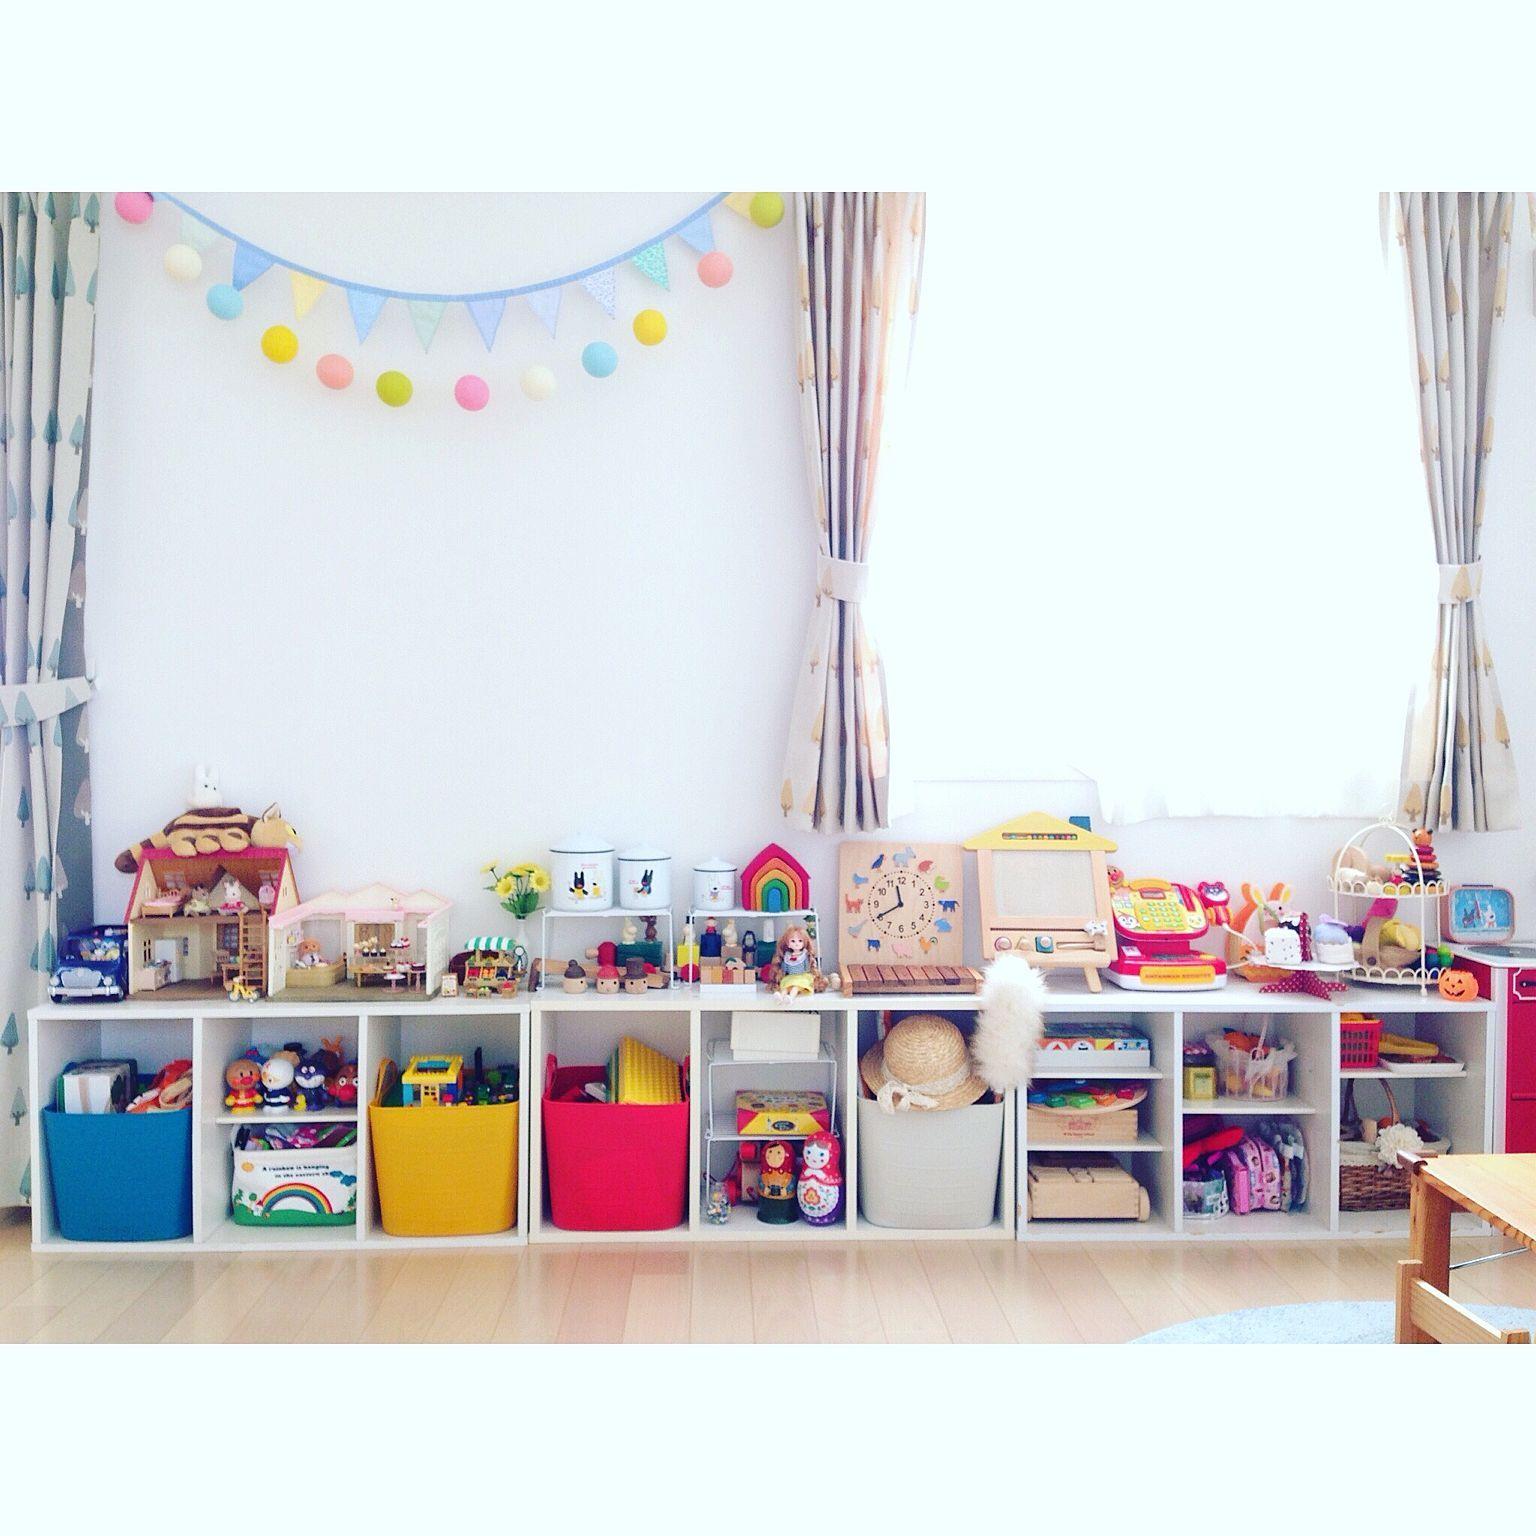 壁 天井 子供部屋は楽しく 4歳 カラフル こどもと暮らす などの